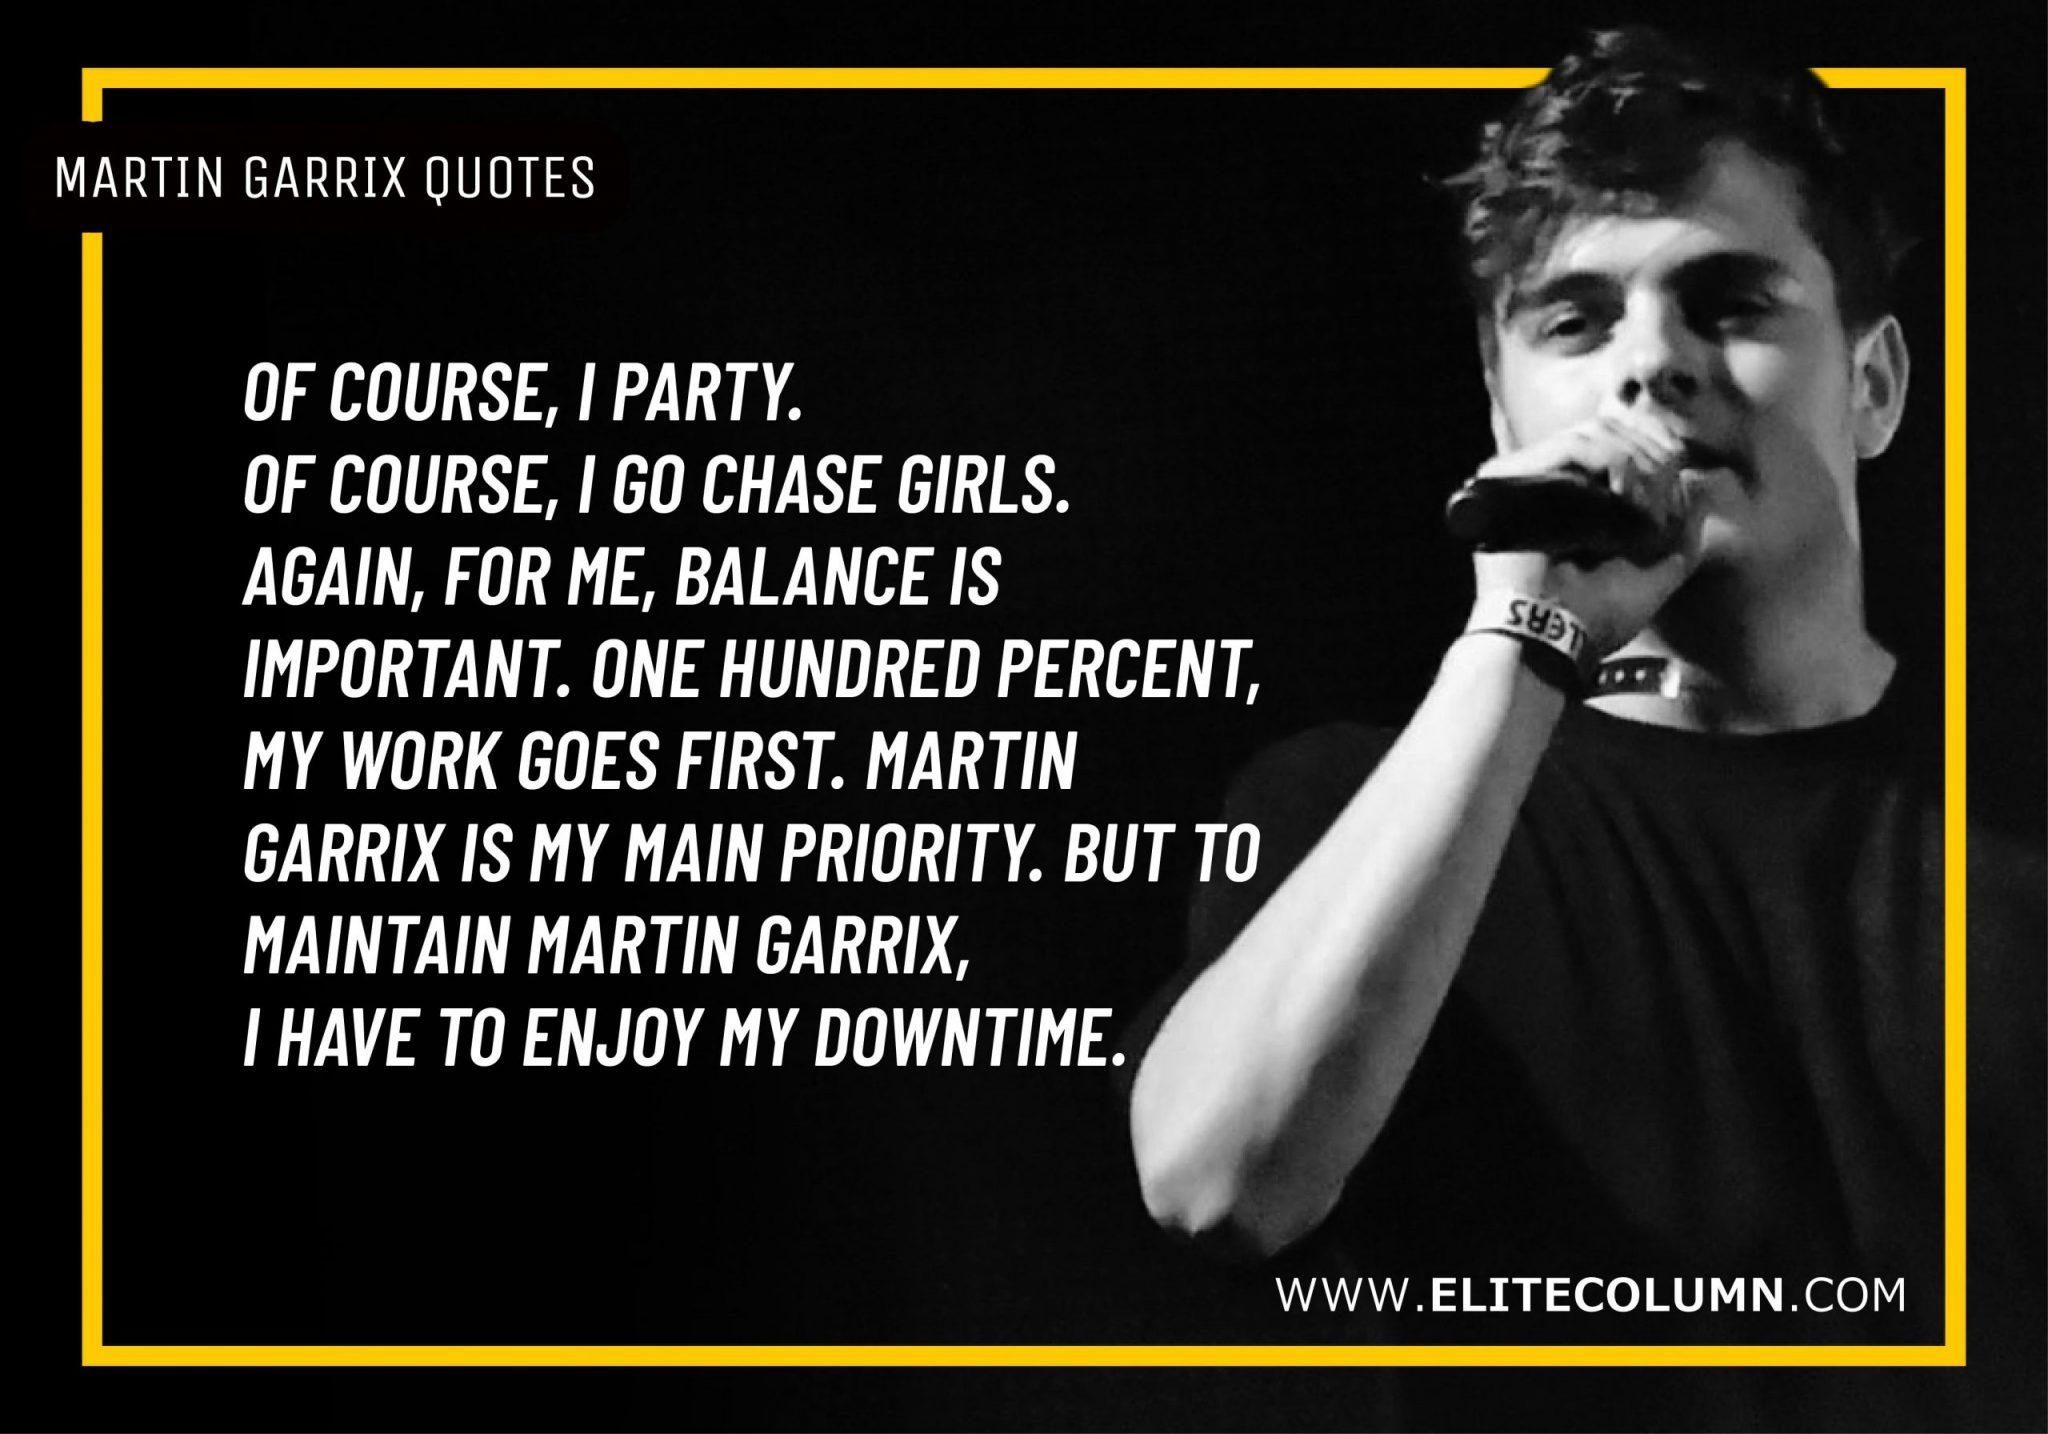 Martin Garrix Quotes (9)